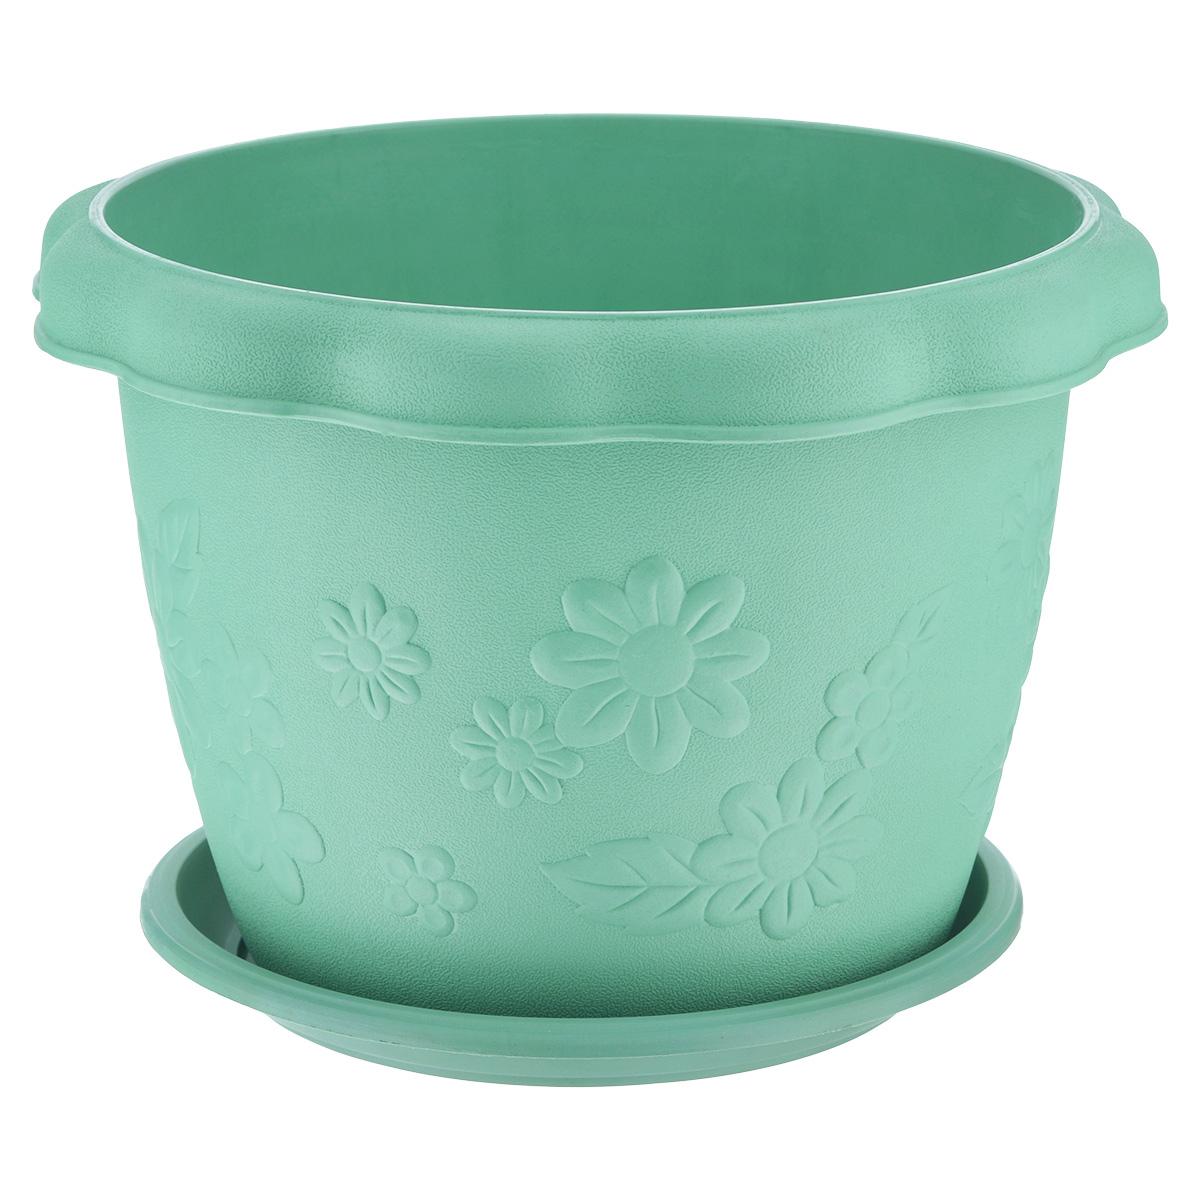 Кашпо Ludu Цветы, с поддоном, цвет: зеленый, диаметр 26 смKD3904GКашпо Ludu Цветы изготовлено из высококачественного пластика. Специальный поддон предназначен для стока воды. Изделие прекрасно подходит для выращивания растений и цветов в домашних условиях. Лаконичный дизайн впишется в интерьер любого помещения. Диаметр поддона: 21,5 см.